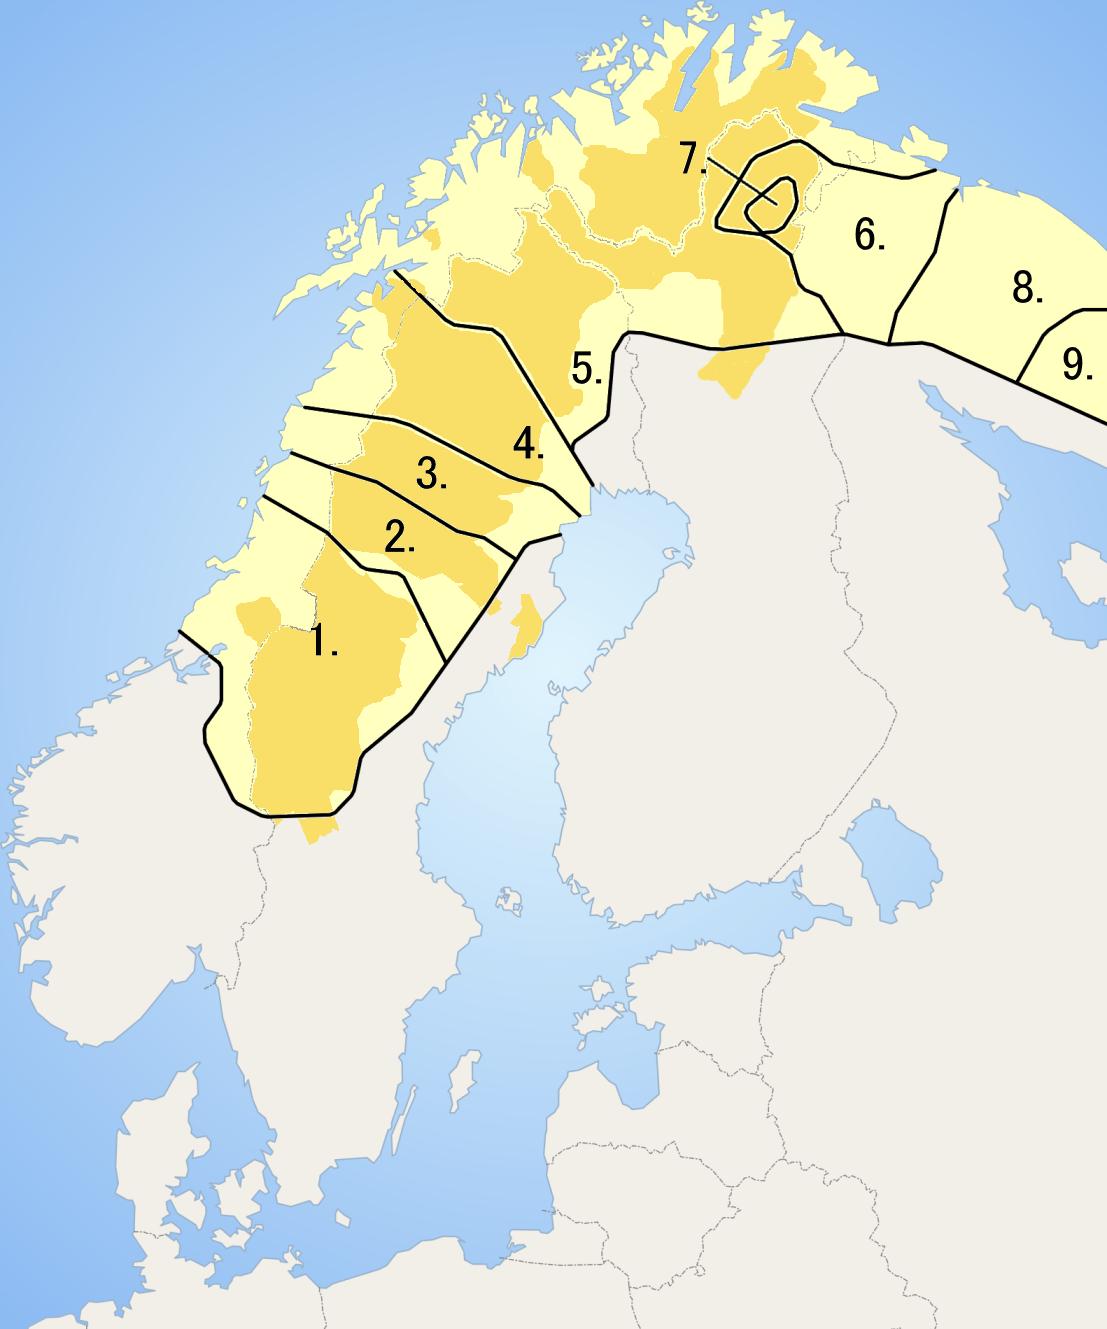 Samiskans ungefärliga utbredningsområde. Den samiska som talas i område 1 och den som talas i område 9 är mer olika än svenska och isländska. Samiskan räknas ändå ofta som ett (!) språk, av historiska och kulturella skäl.